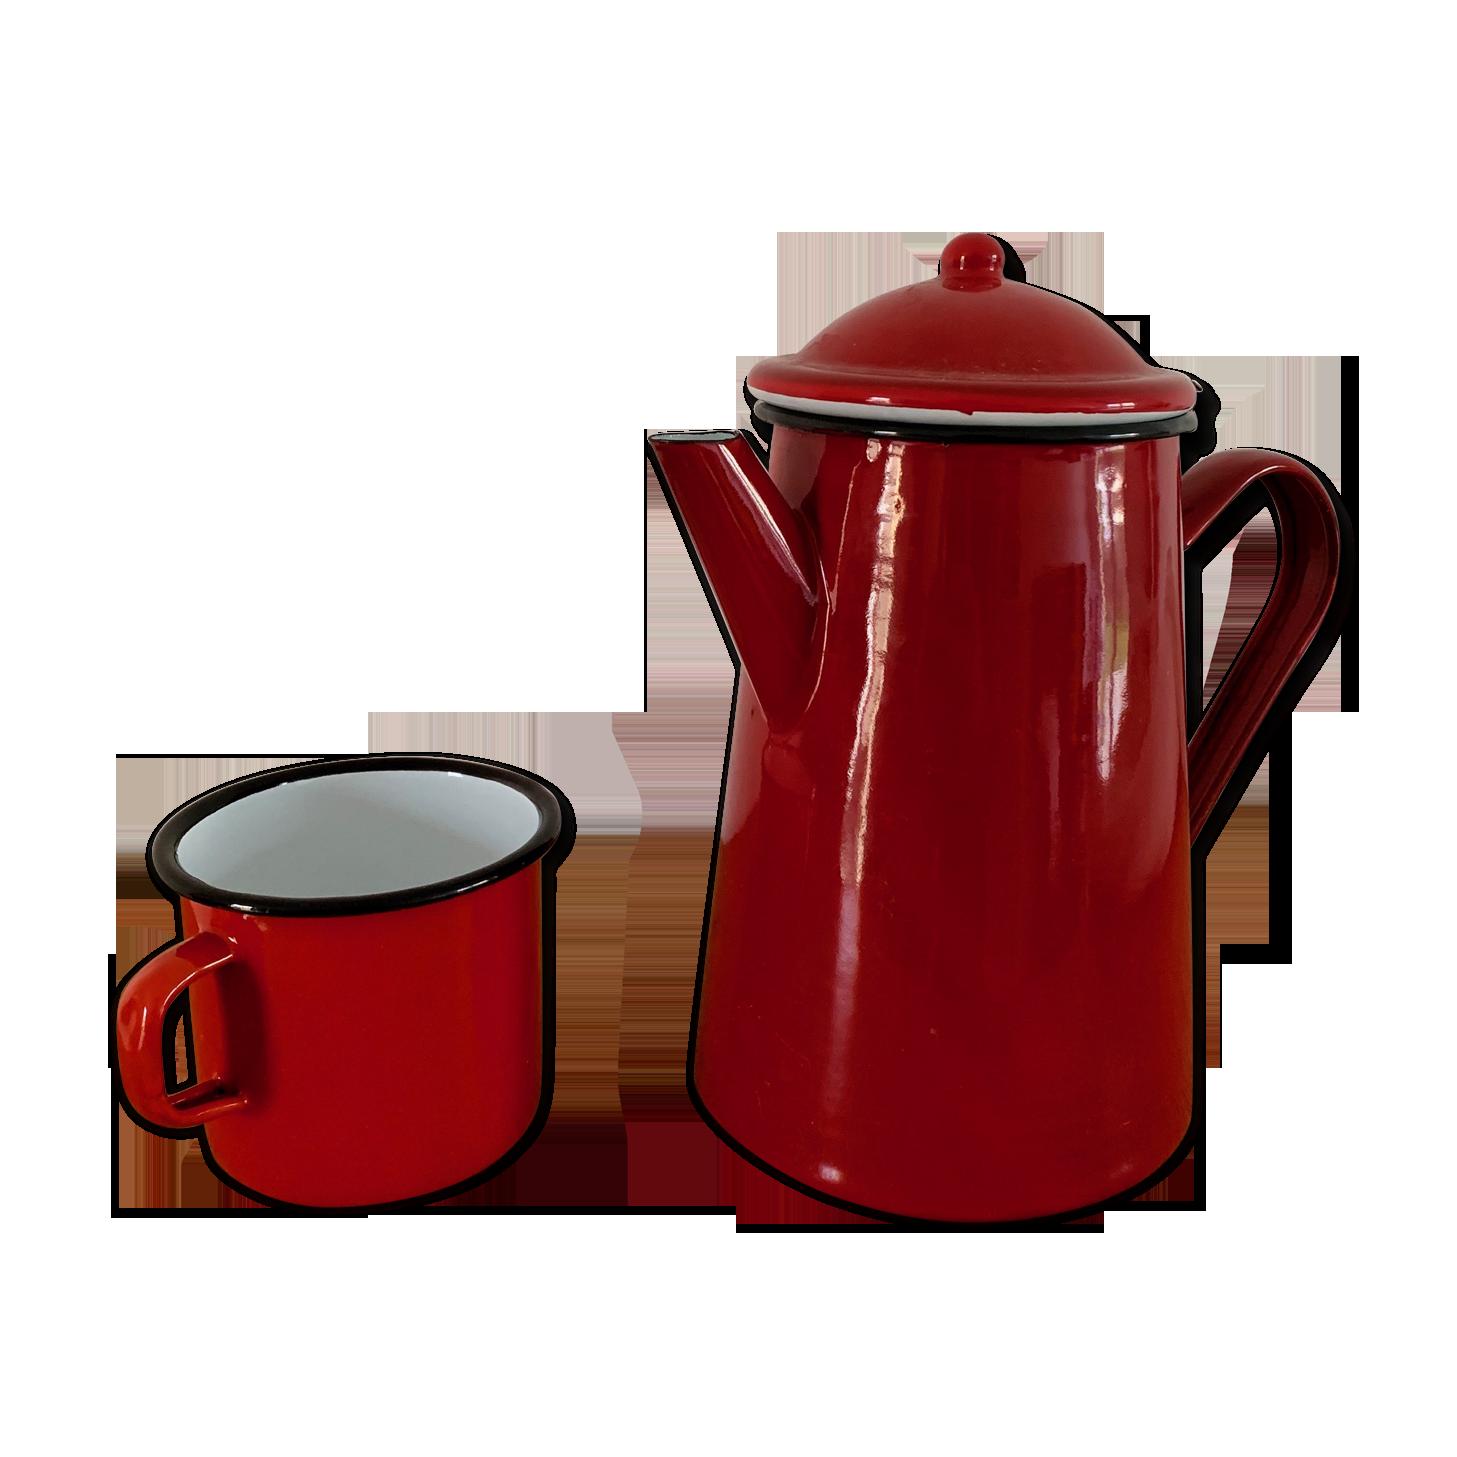 Ibili 910210 Cafeti/ère Conique en acier /émaill/é vitrifi/é Rouge 1 l